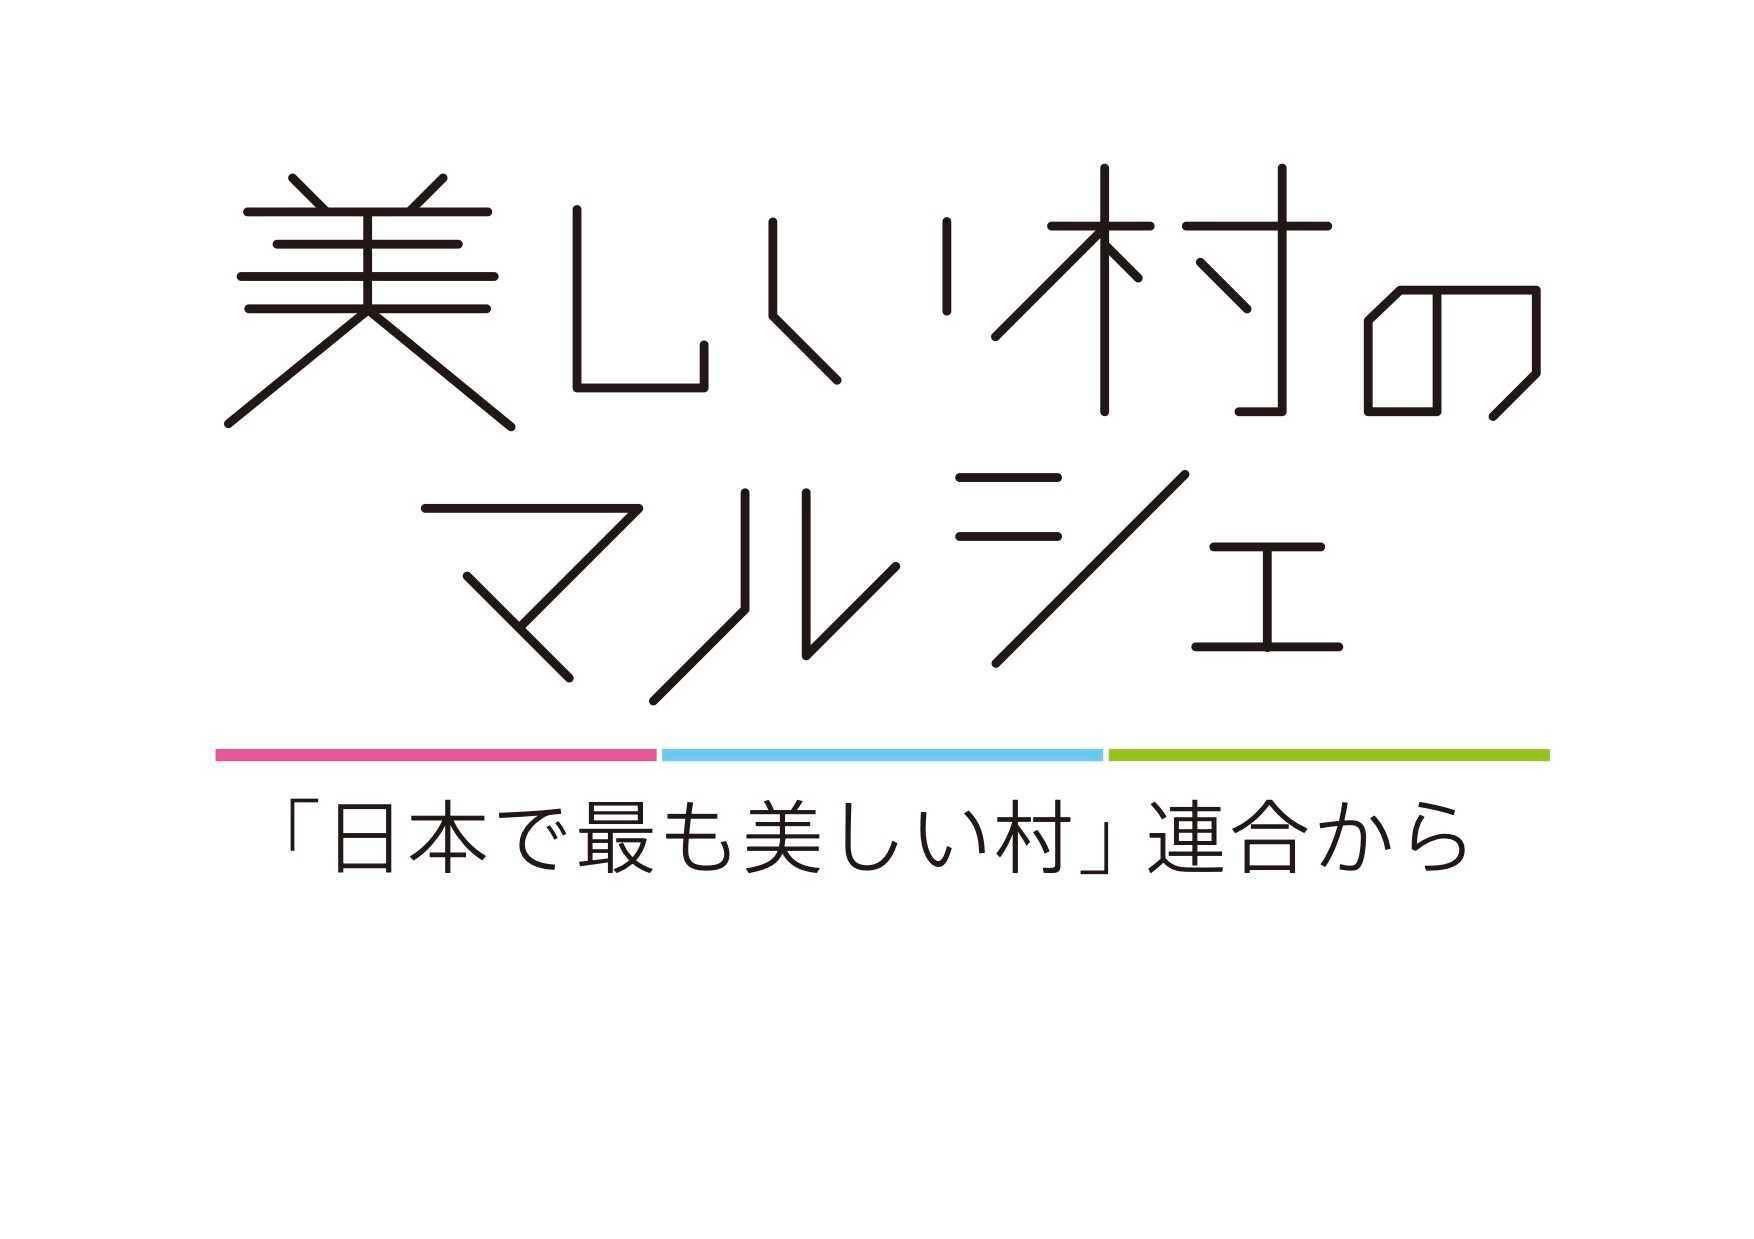 """""""美しい村のマルシェ"""" 12/12~30 @ IKEDIA 大阪府池田市にて展示販売します"""